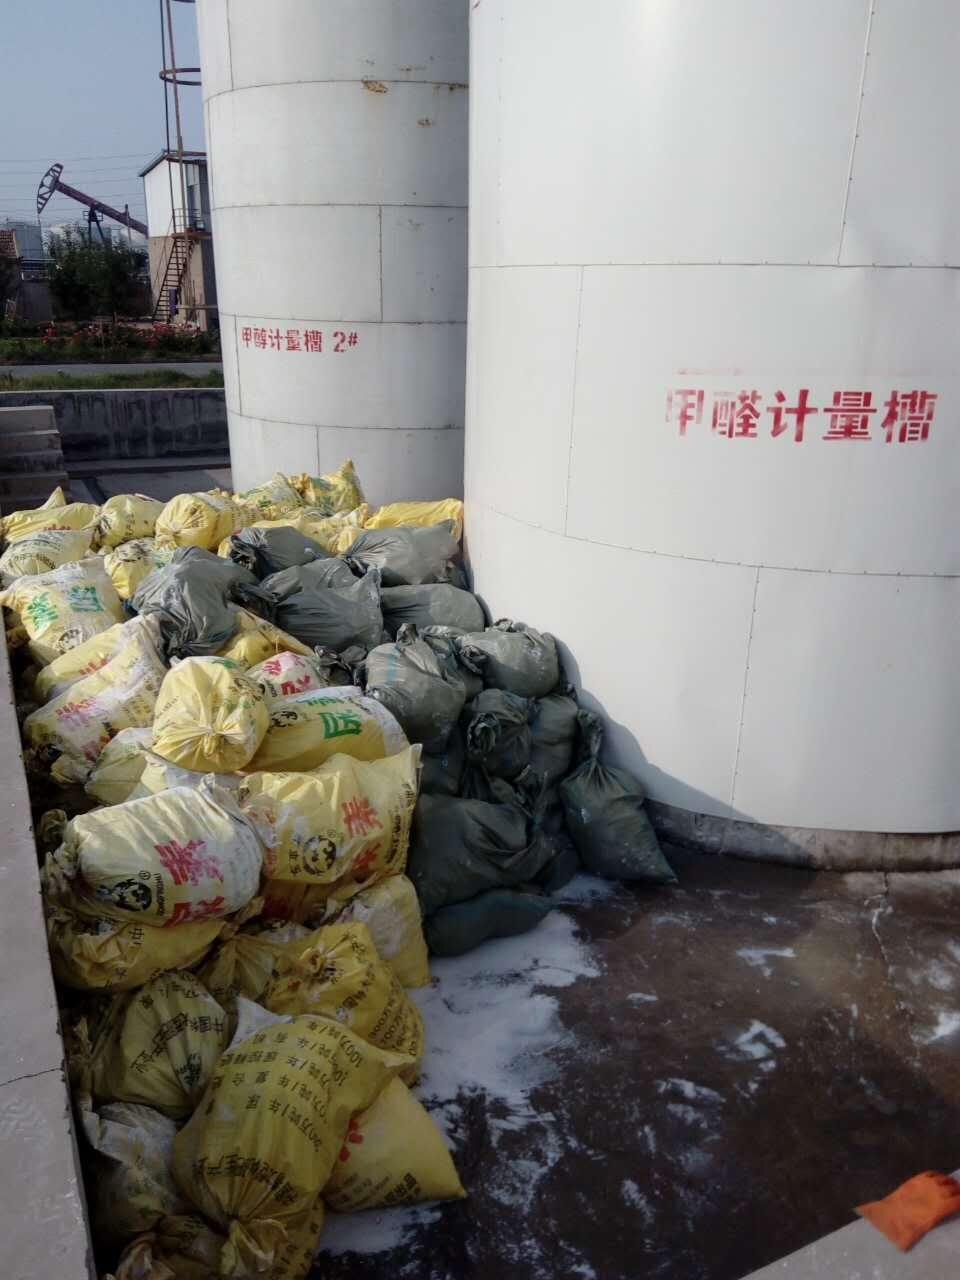 回收废旧甲醛罐